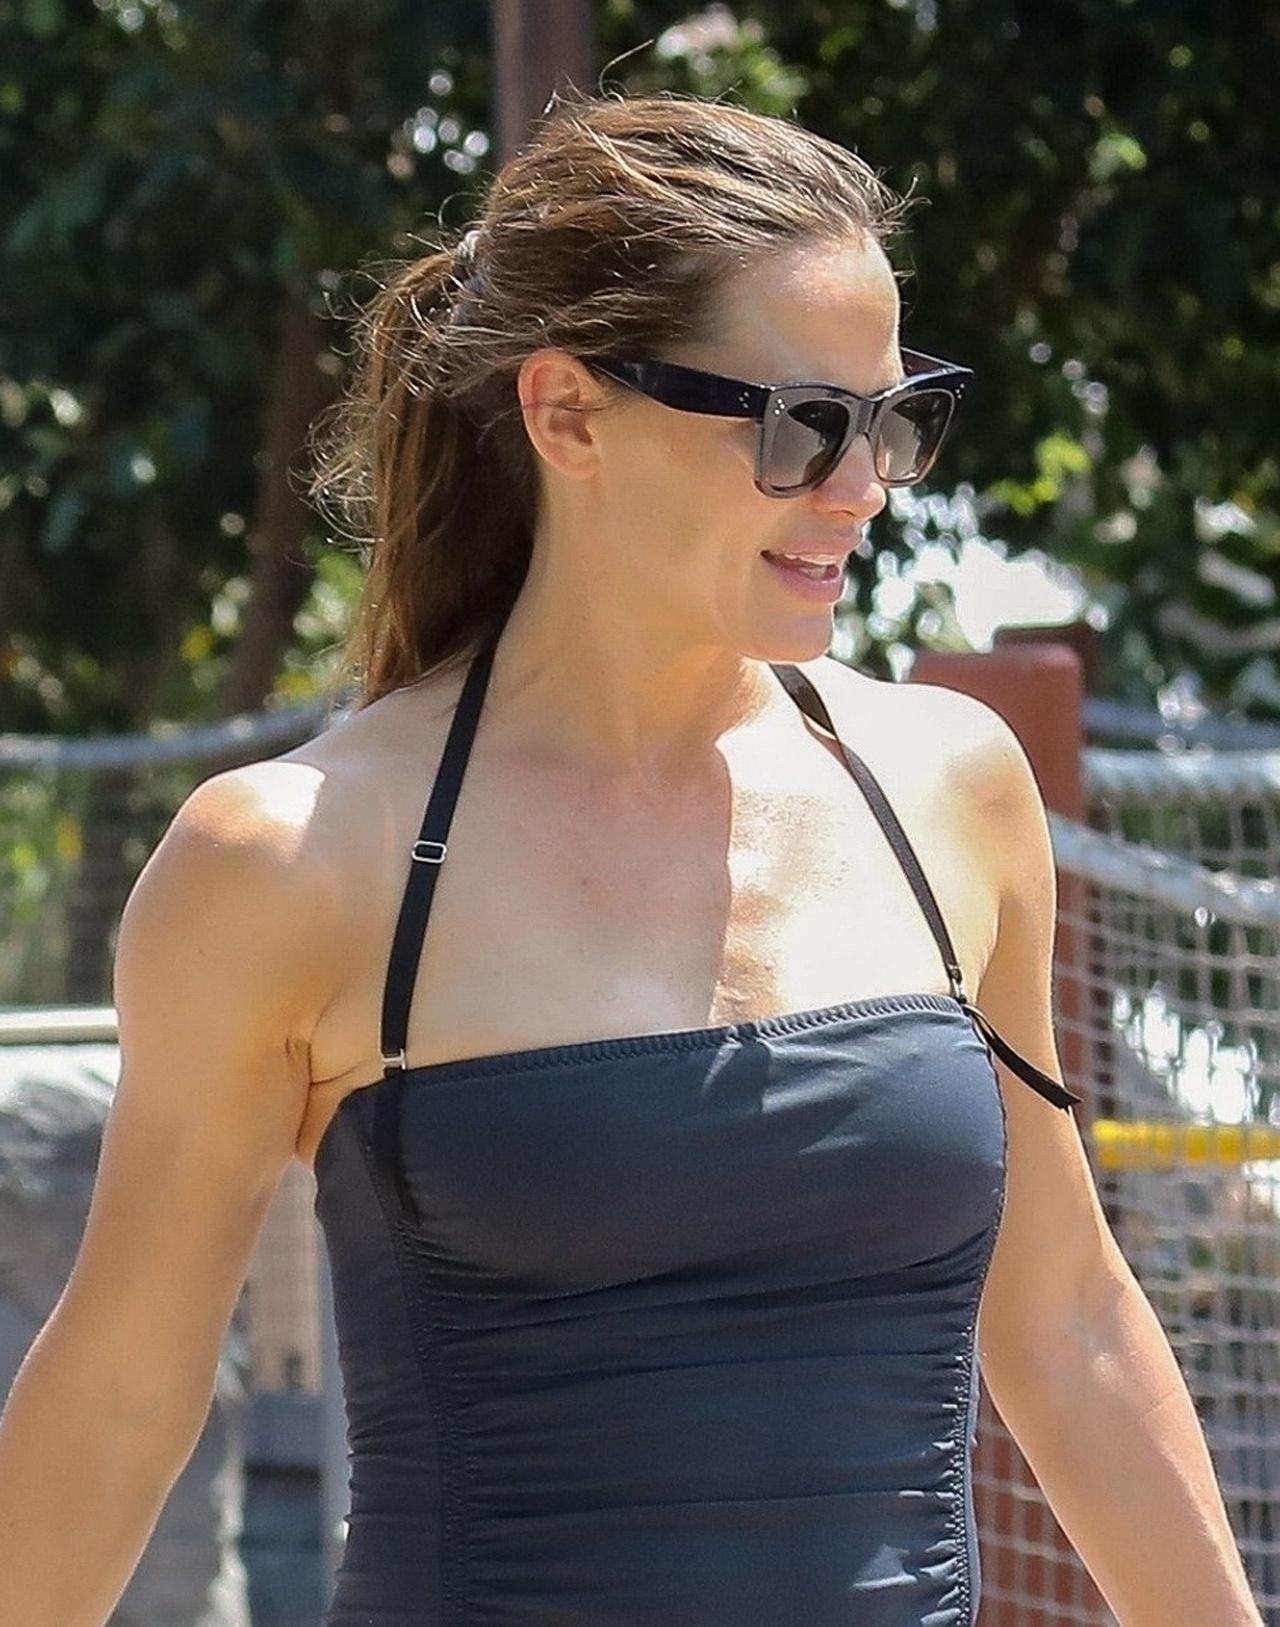 Jennifer Garner w stroju kąpielowym (ZDJĘCIA)